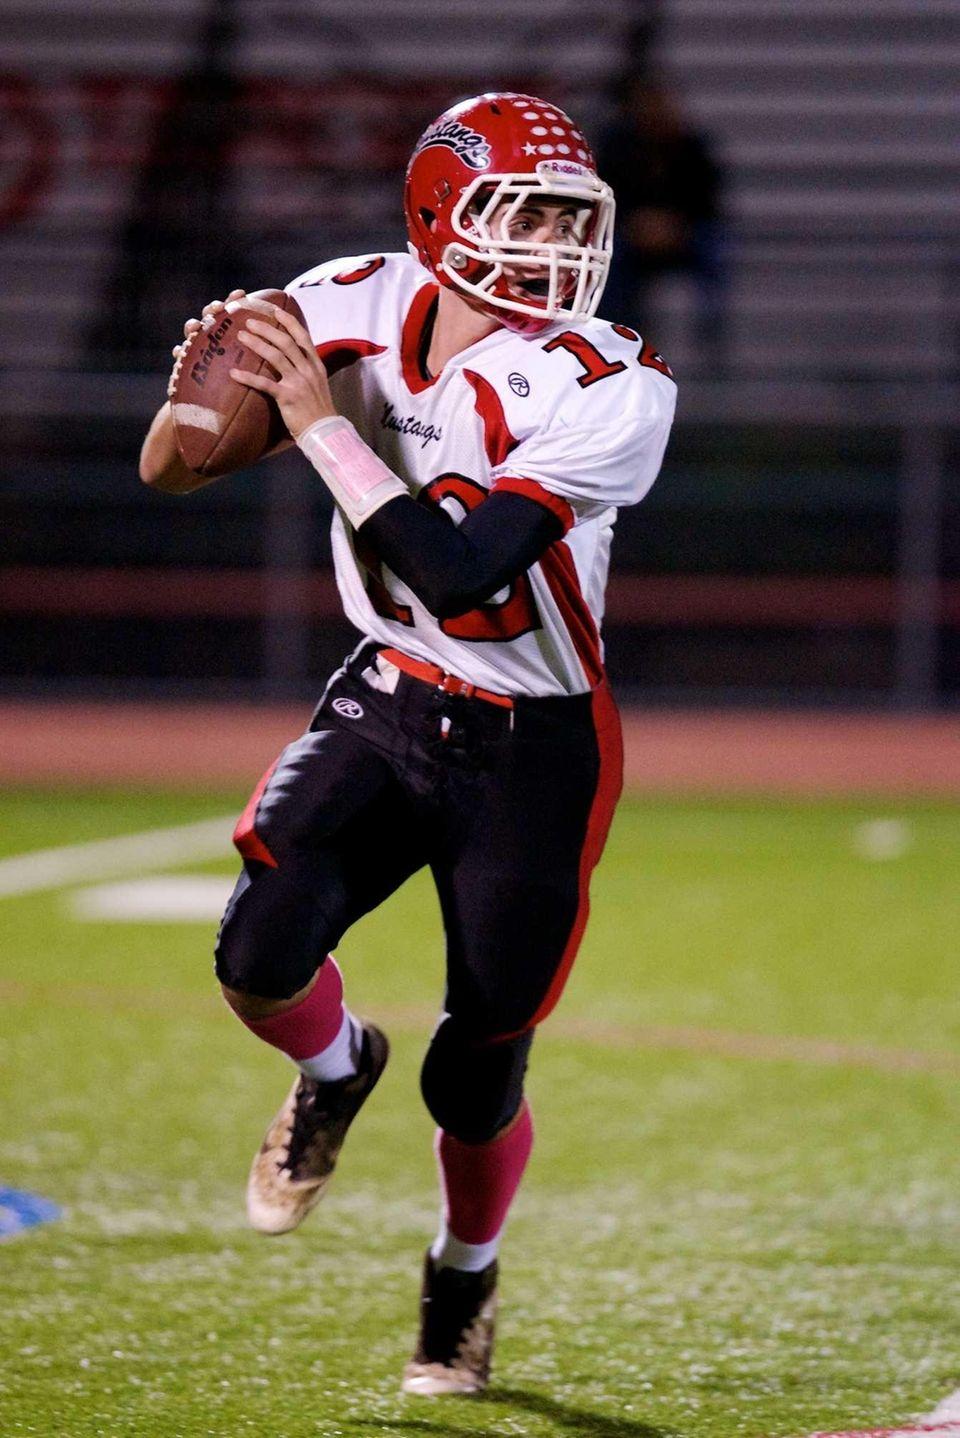 Mineola quarterback Vinny Bieniek looks to make a